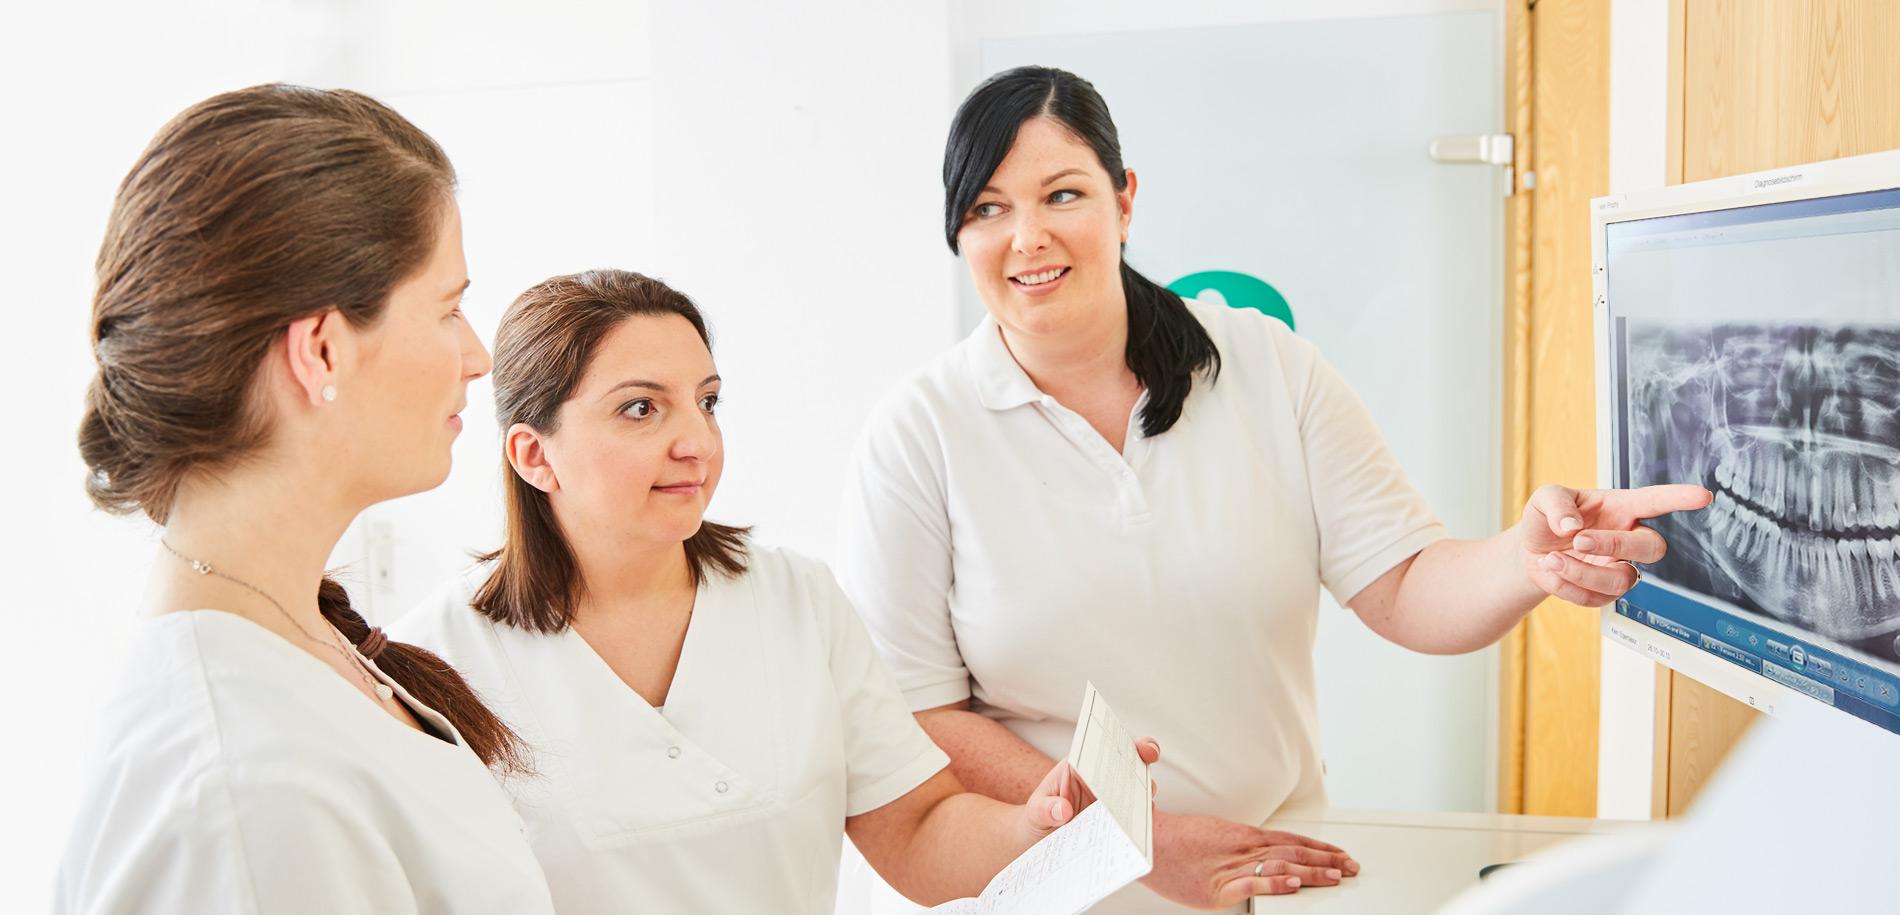 Zahnarztpraxis  Zahnrhein in Walluf - Unsere Zahnärztinnen 1